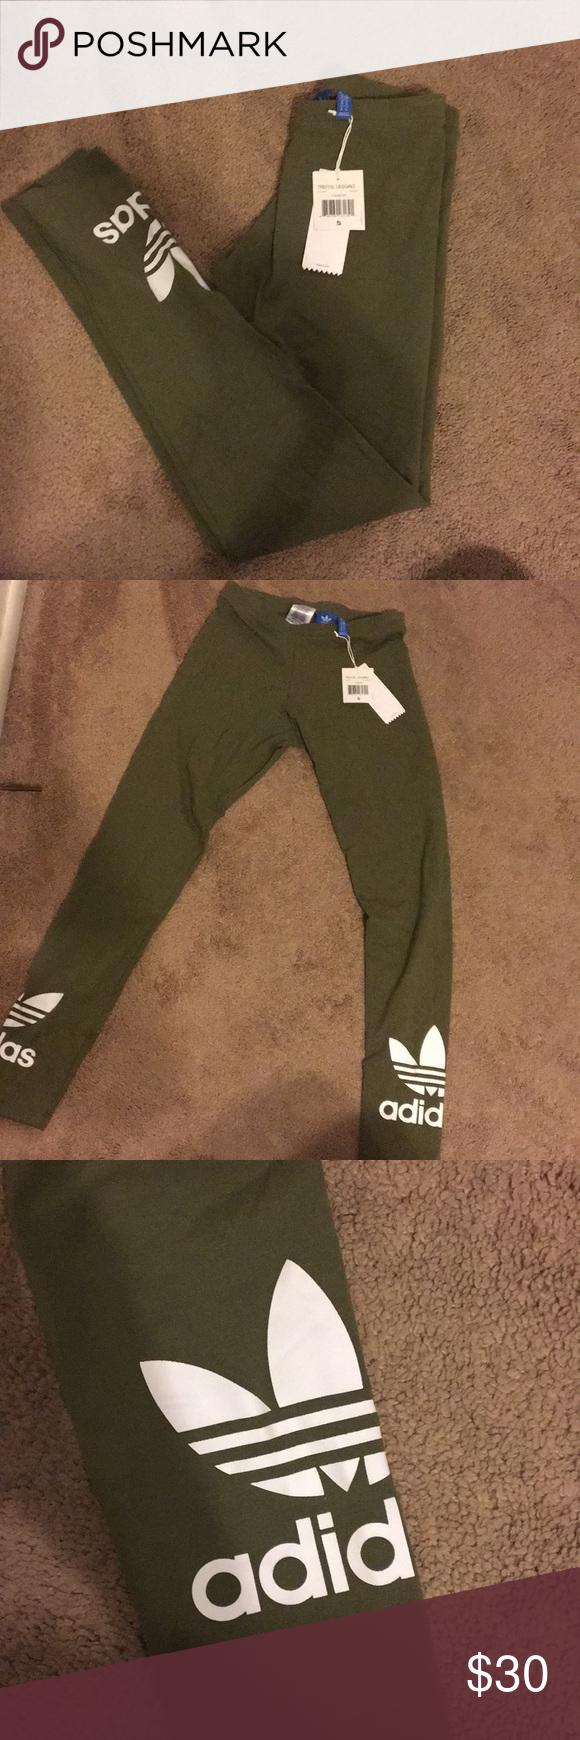 e044036dd1969 Olive Green Adidas Trefoil Leggings BRAND NEW BRAND NEW WITH TAGS OLIVE  GREEN Adidas Originals Trefoil